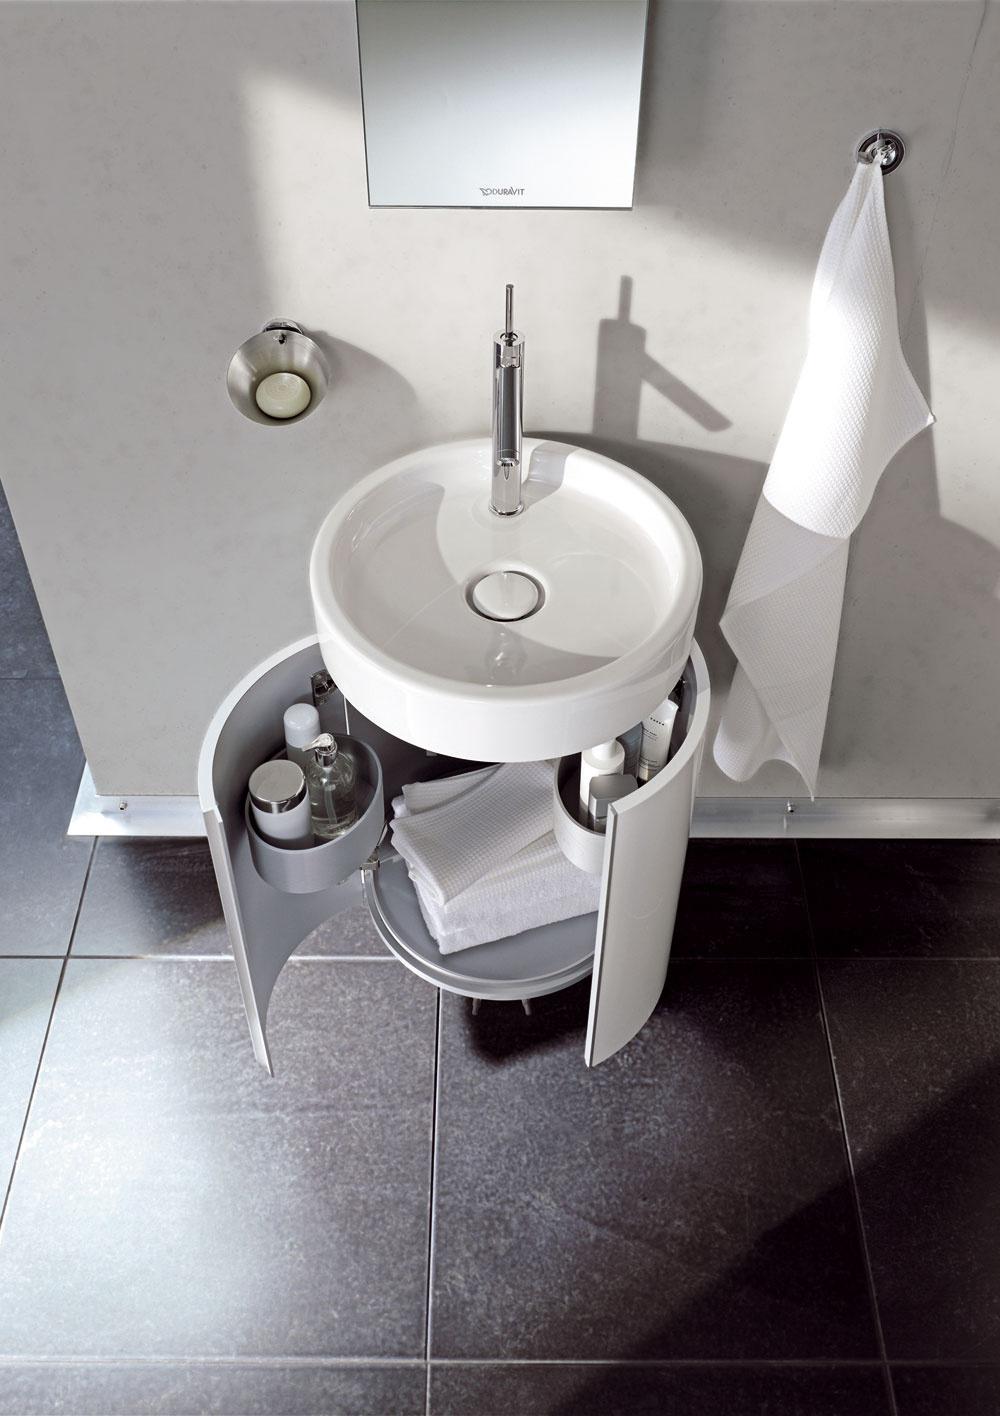 Odkladacích priestorov nie je nikdy dosť, preto najmä v malej kúpeľni využite aj priestor pod umývadlom.